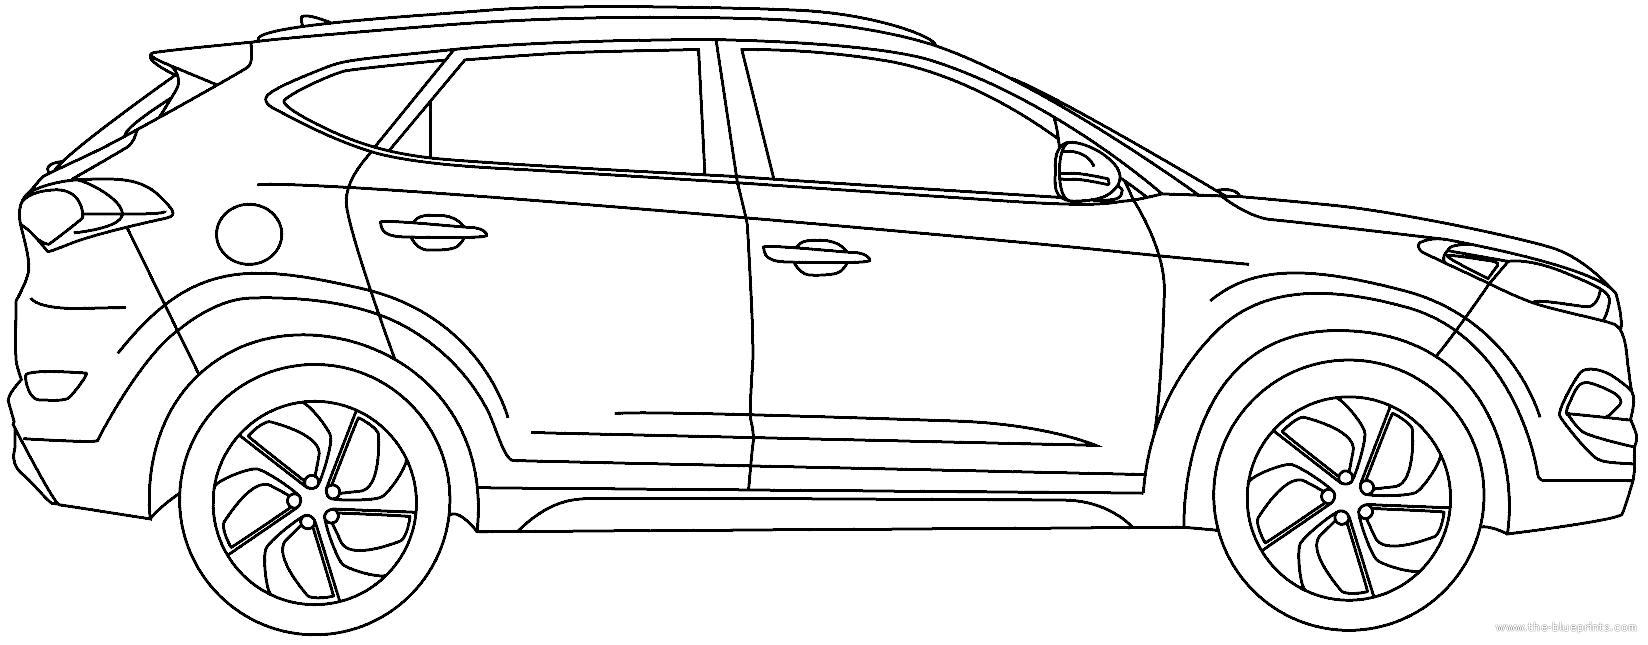 Blueprints > Cars > Hyundai > Hyundai Tucson (2016)